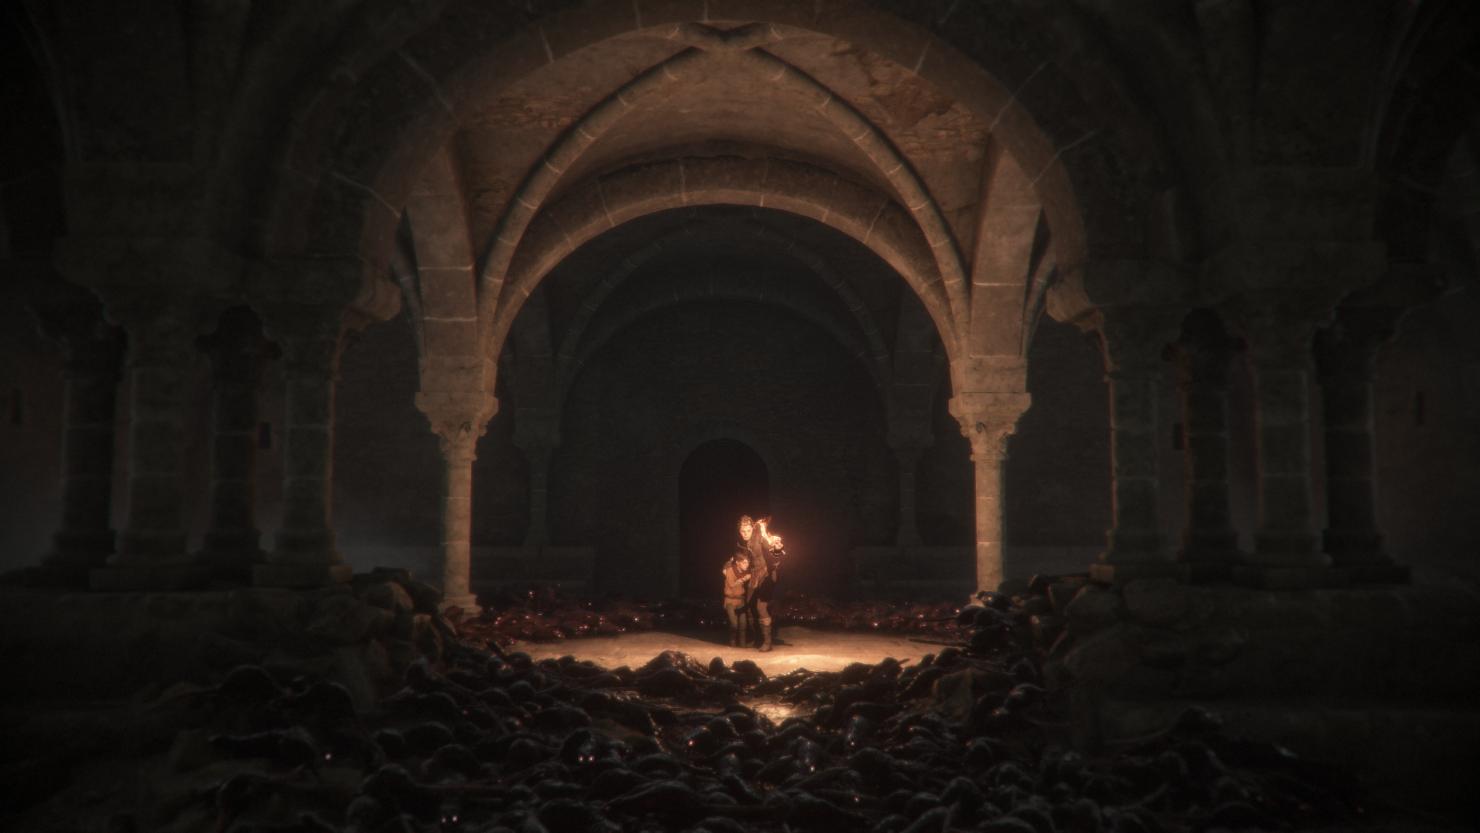 plague-tale-innocence-new-screenshots-screenshot-11